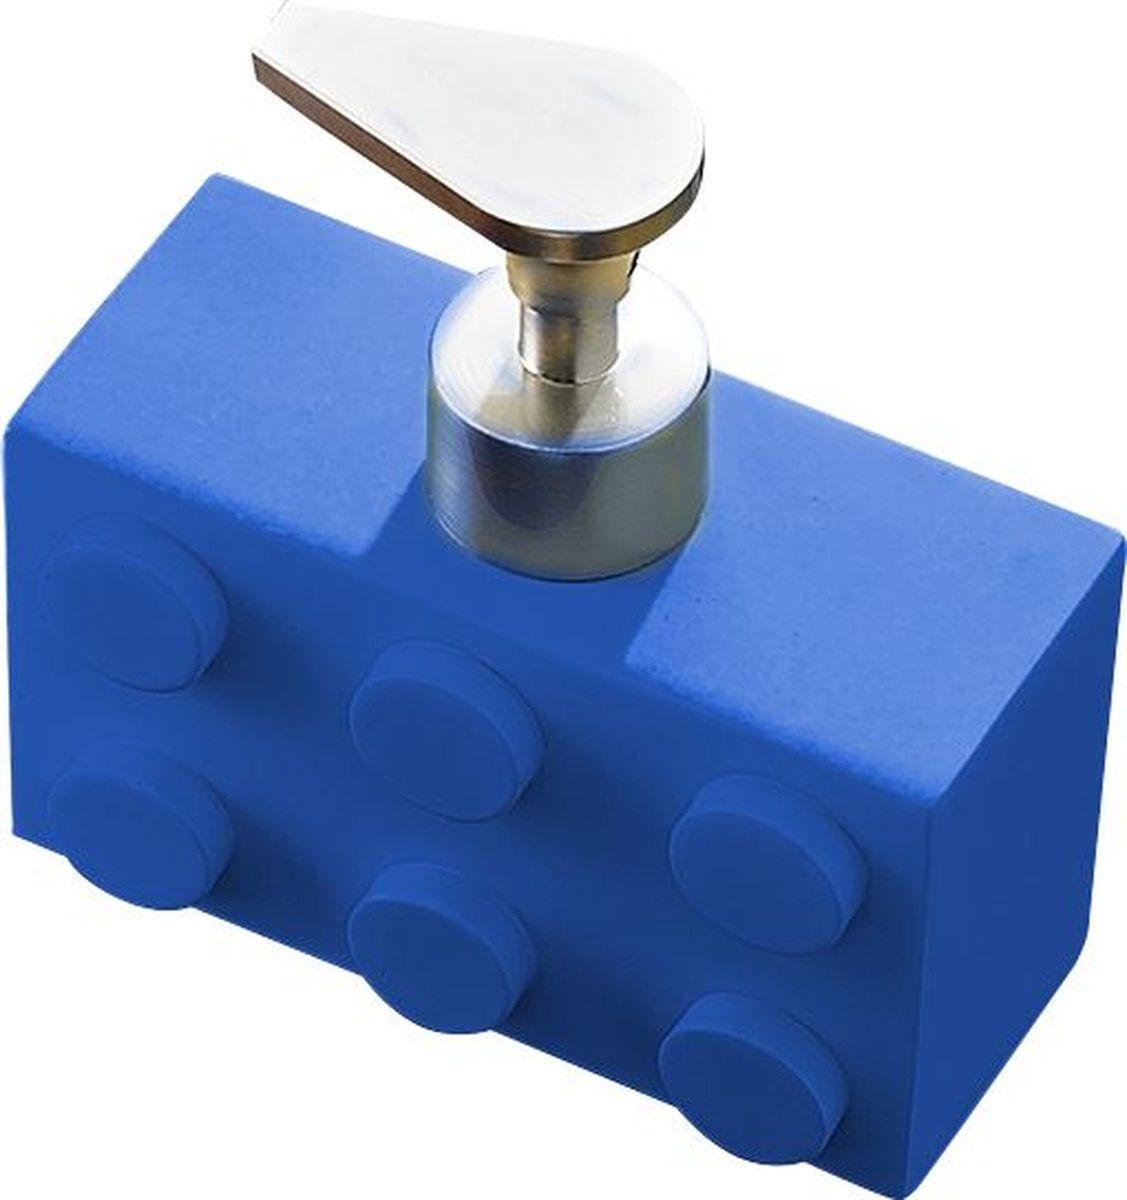 Дозатор для жидкого мыла Ridder Bob, цвет: синий, 280 мл22210503Дозатор для жидкого мыла Ridder Bob, изготовленный из экологичной полирезины, отлично подойдет для вашей ванной комнаты. Такой аксессуар очень удобен в использовании, достаточно лишь перелить жидкое мыло в дозатор, а когда необходимо использование мыла, легким нажатием выдавить нужное количество. Дозатор для жидкого мыла Ridder Bob создаст особую атмосферу уюта и максимального комфорта в ванной. Объем дозатора: 280 мл.